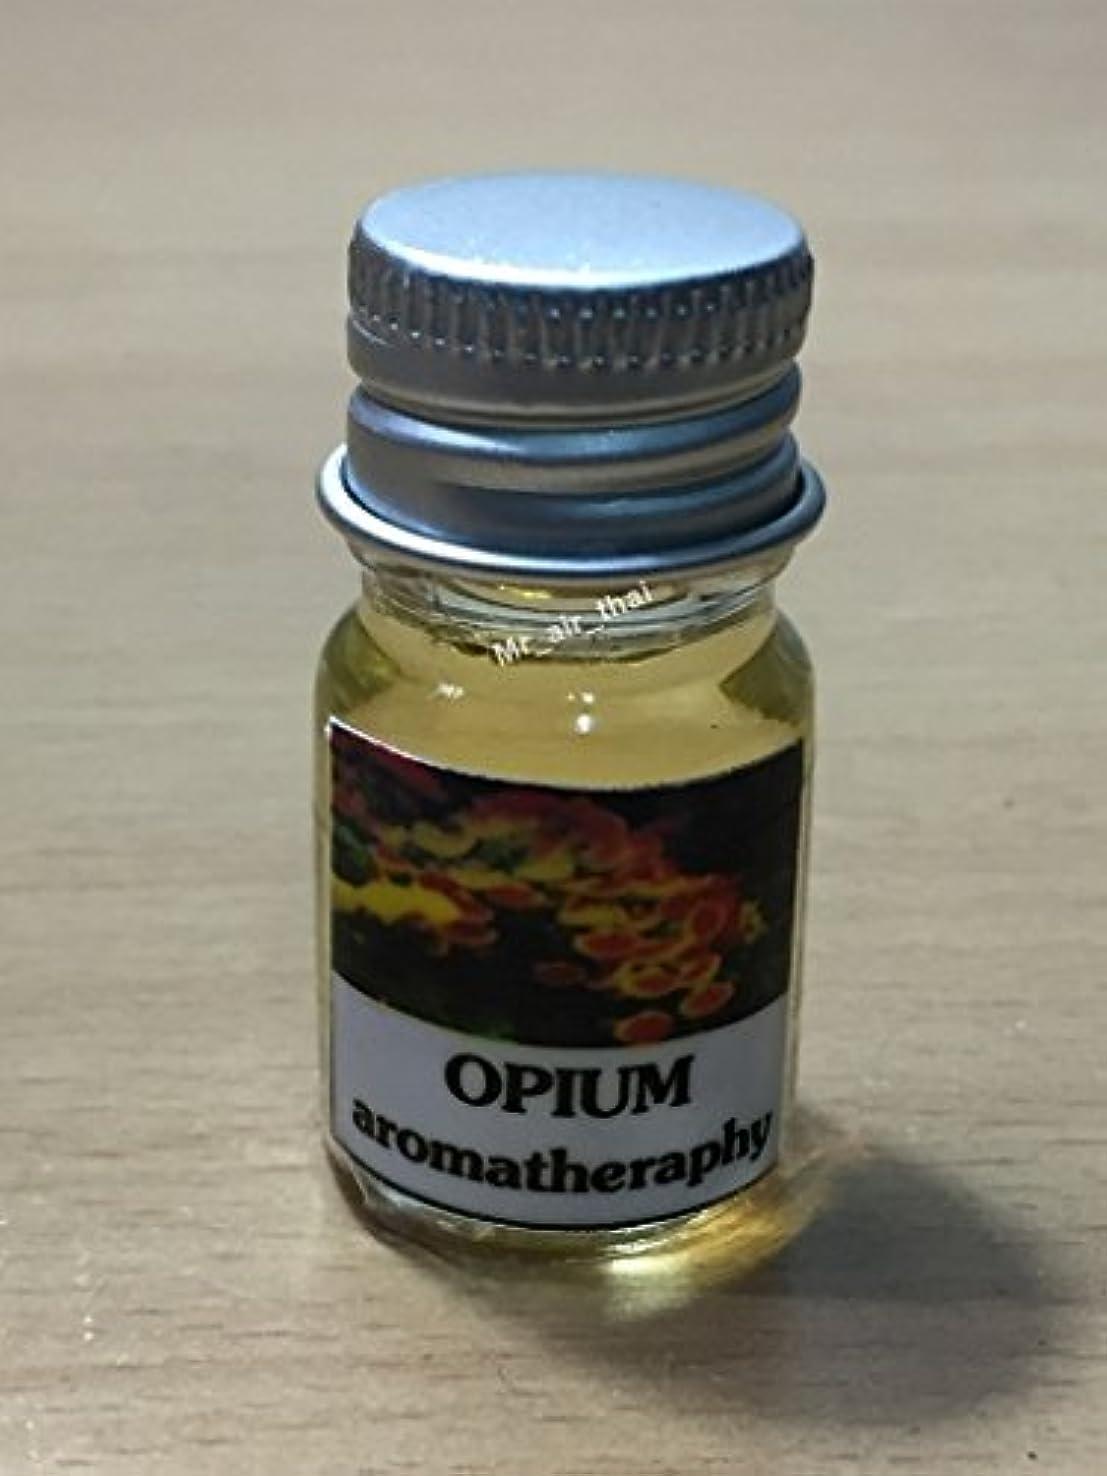 シュガー起業家湿った5ミリリットルアロマアヘンフランクインセンスエッセンシャルオイルボトルアロマテラピーオイル自然自然5ml Aroma Opium Frankincense Essential Oil Bottles Aromatherapy...